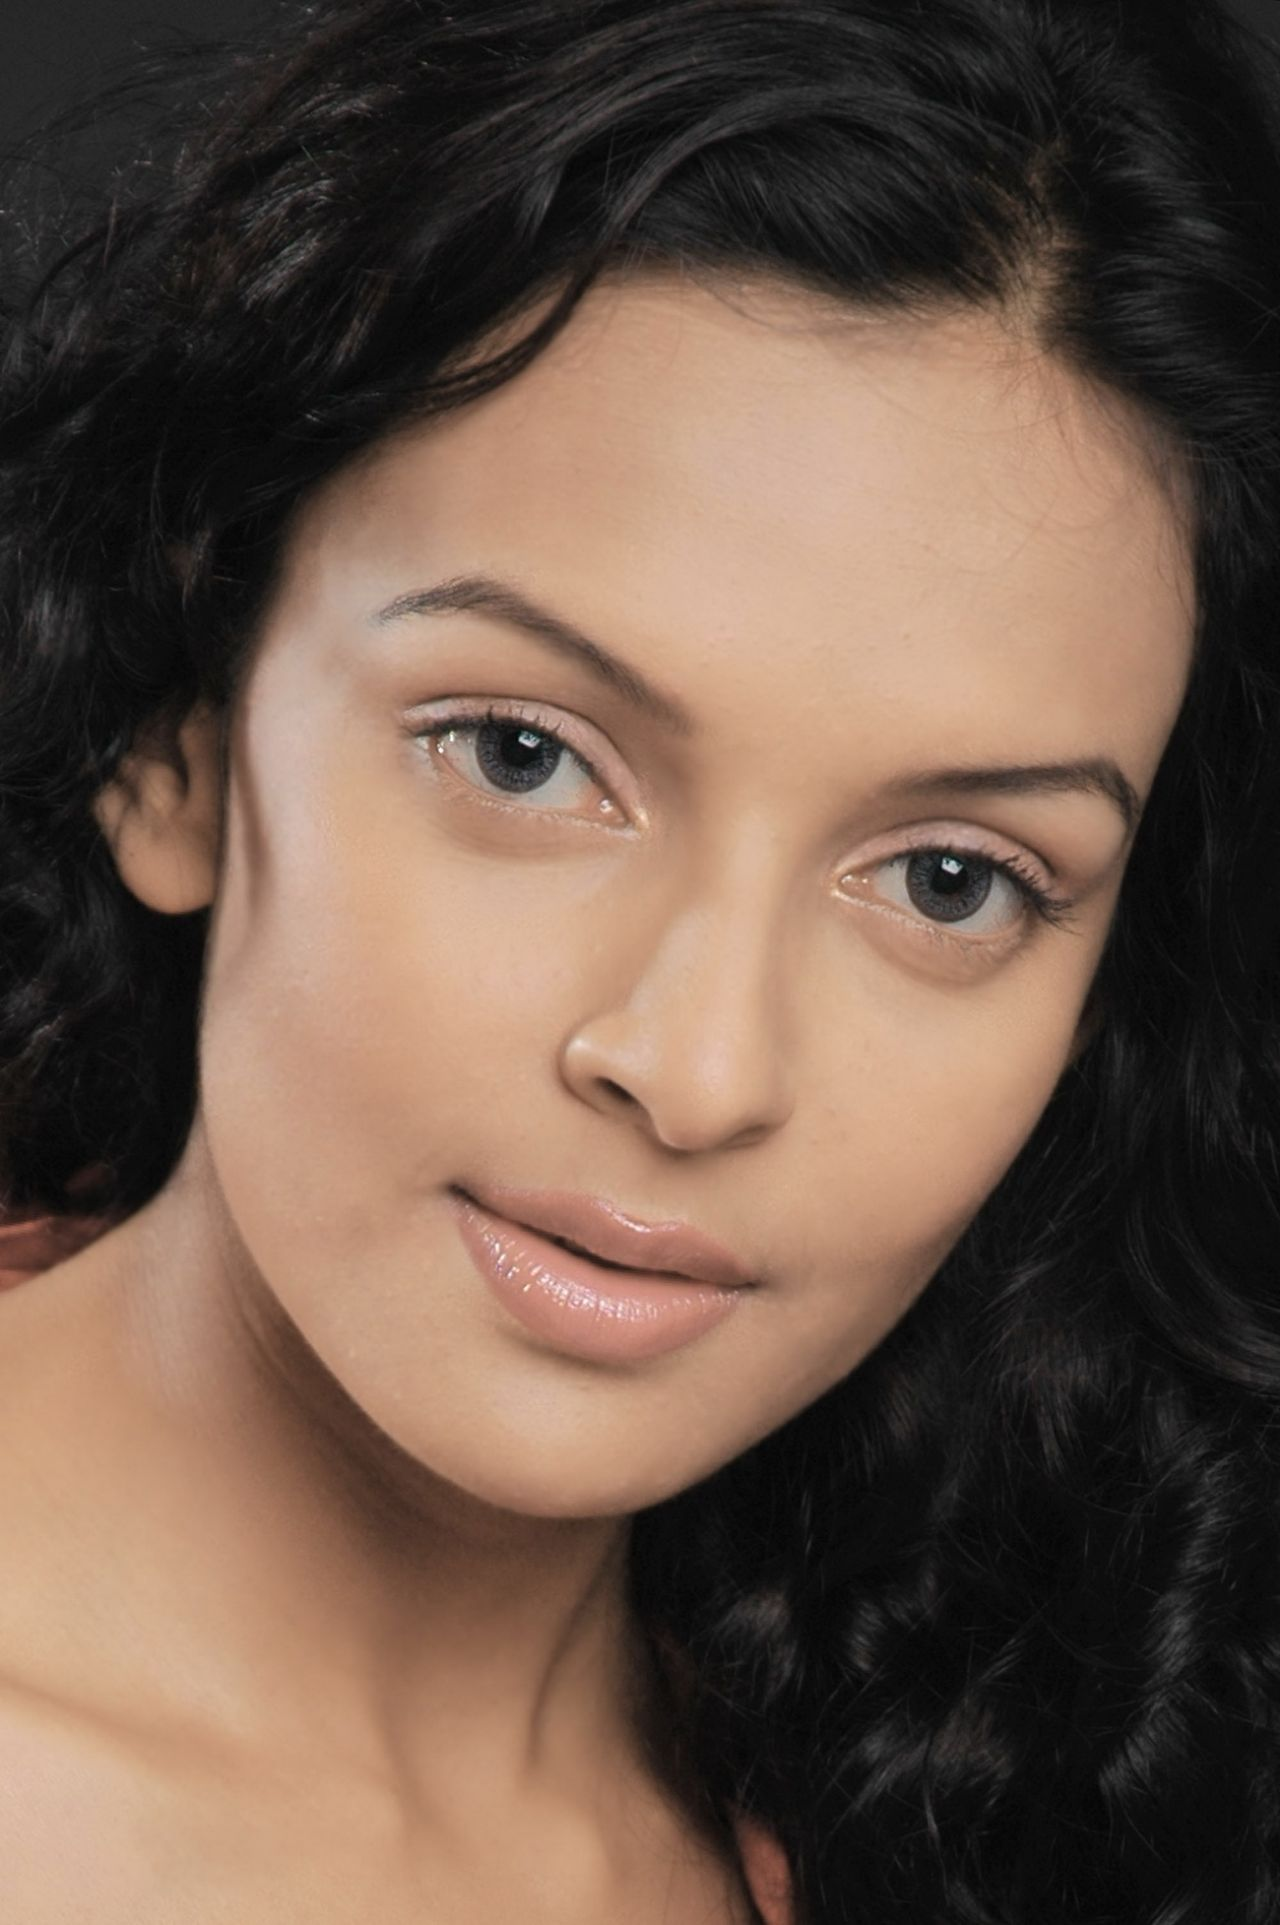 Bidita Bag Wallpapers And Pics - Bollywood Actress And -3524